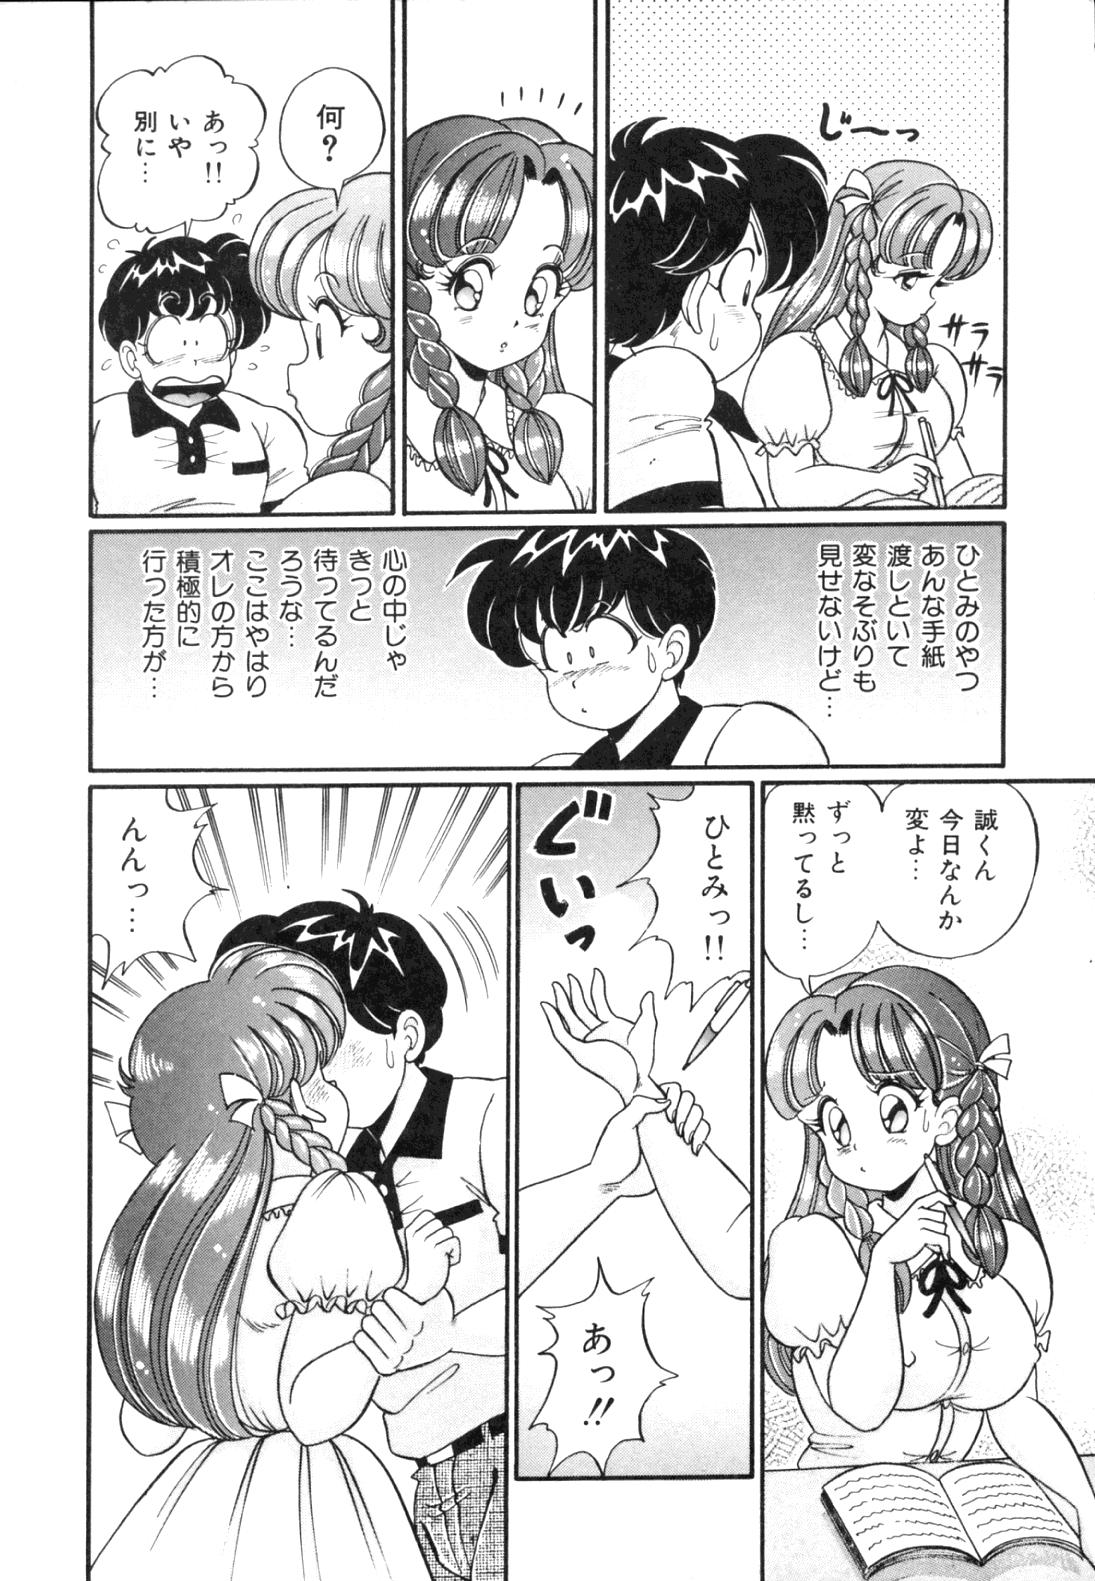 [Watanabe Wataru] Tonari no Onee-san - Sister of Neighborhood 51